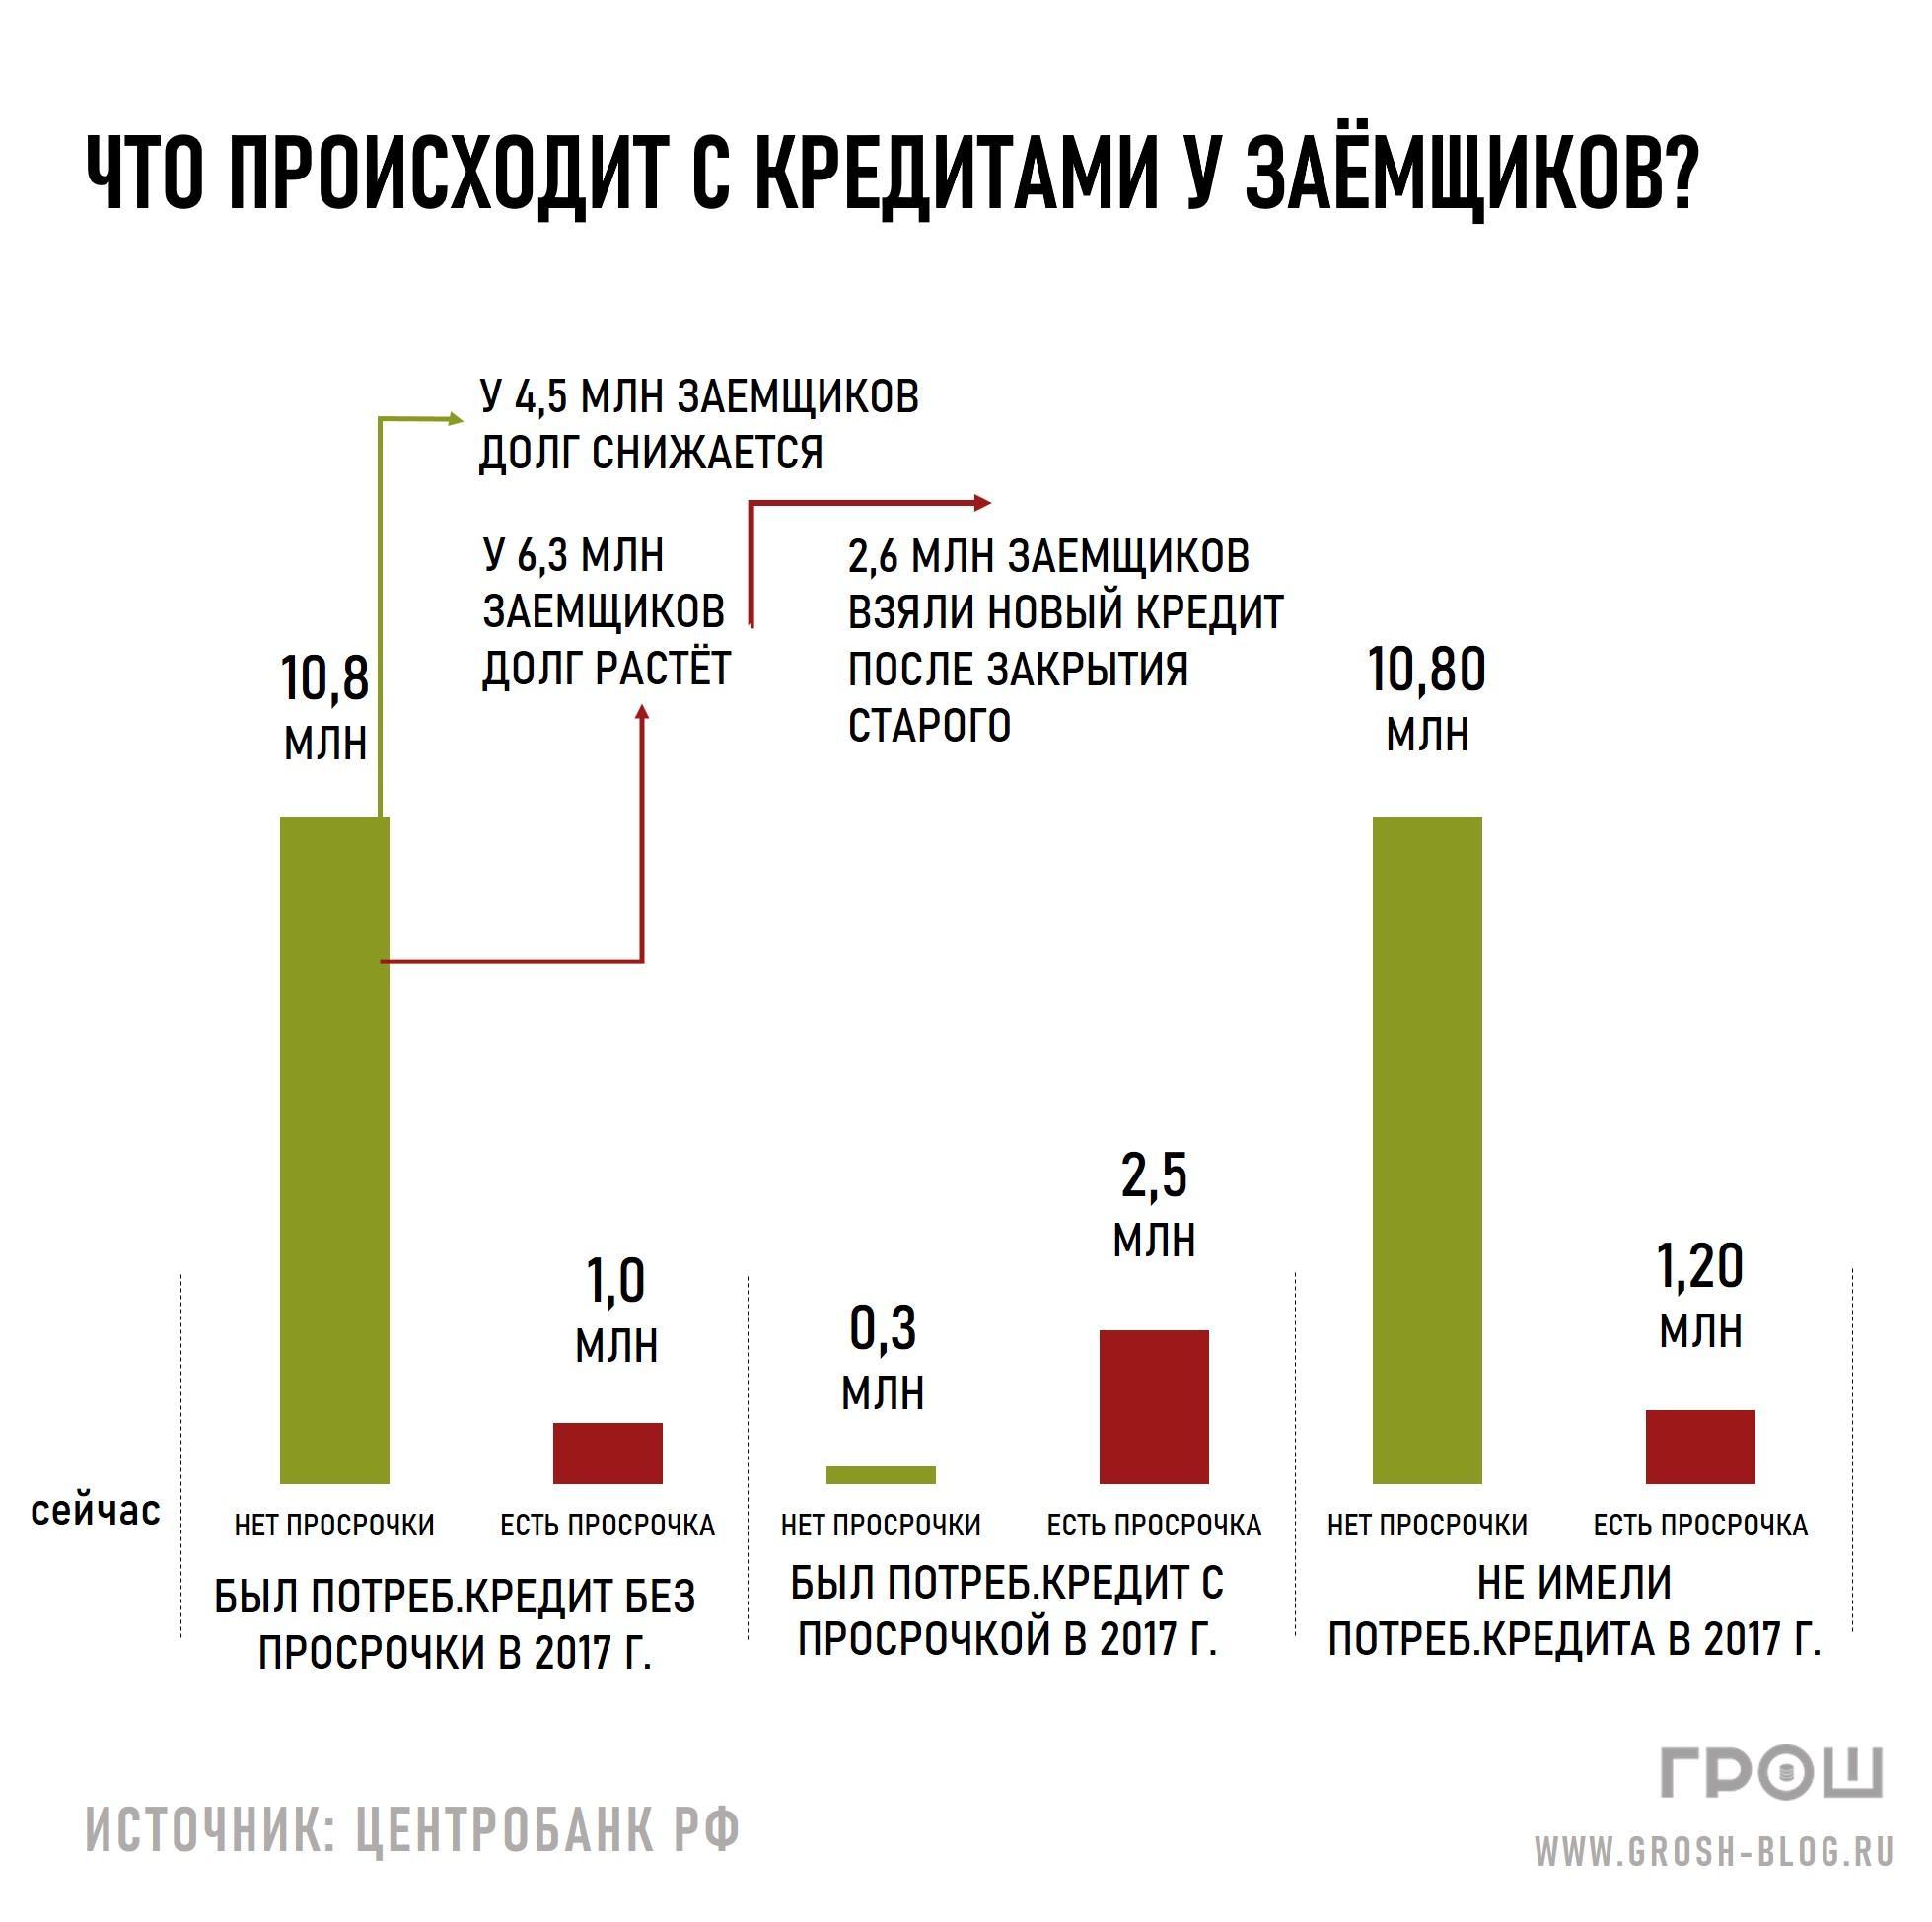 что происходит с кредитами у заемщиков https://grosh-blog.ru/